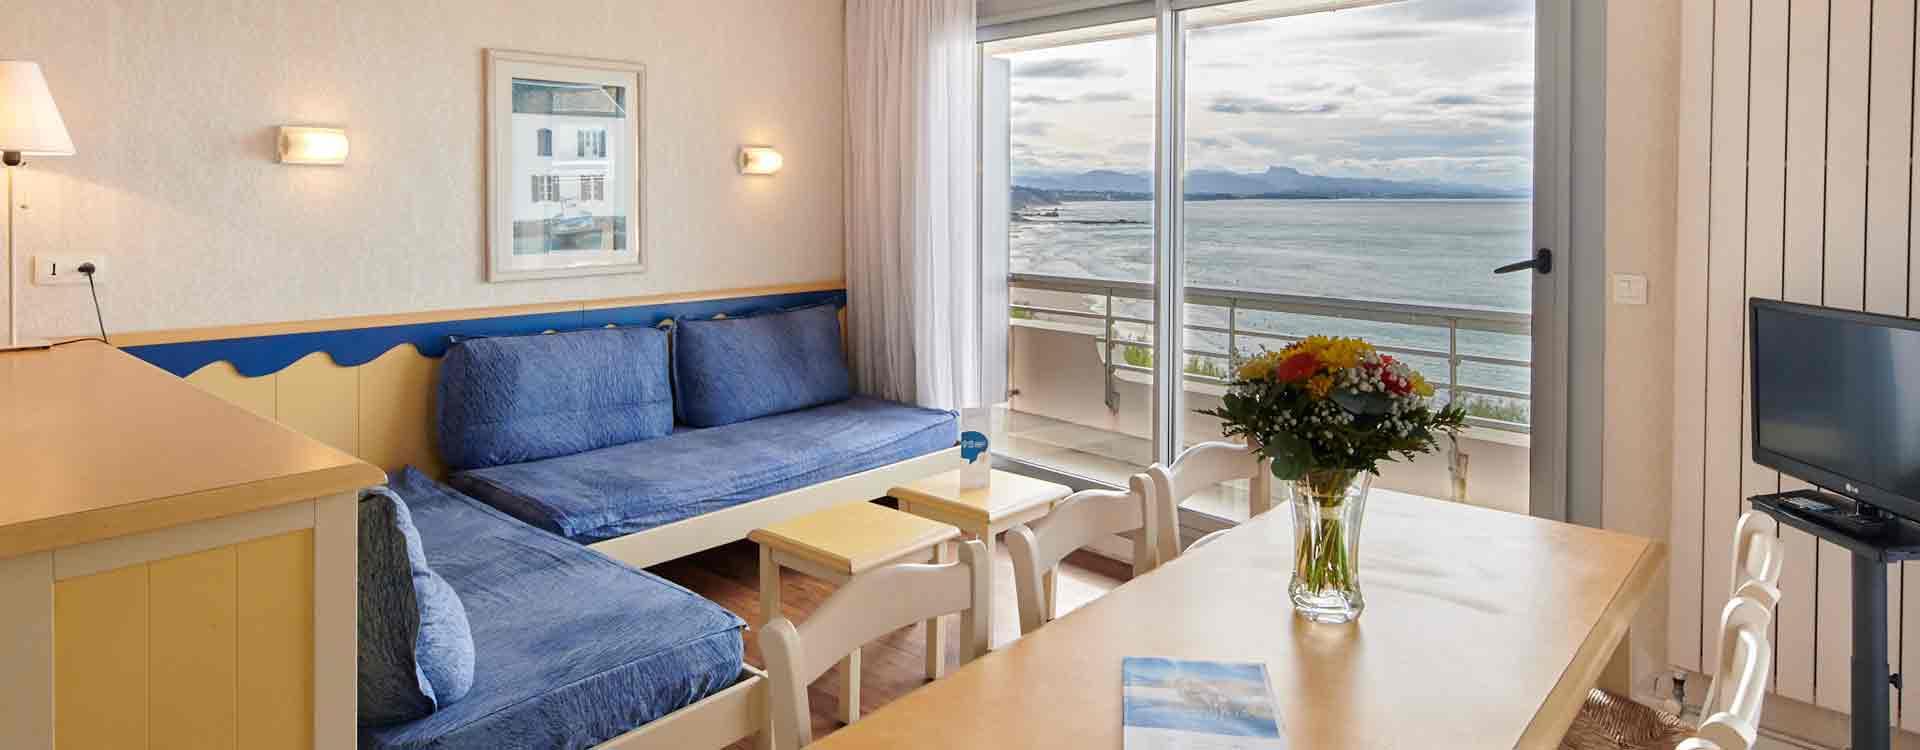 appartement vue mer biarritz